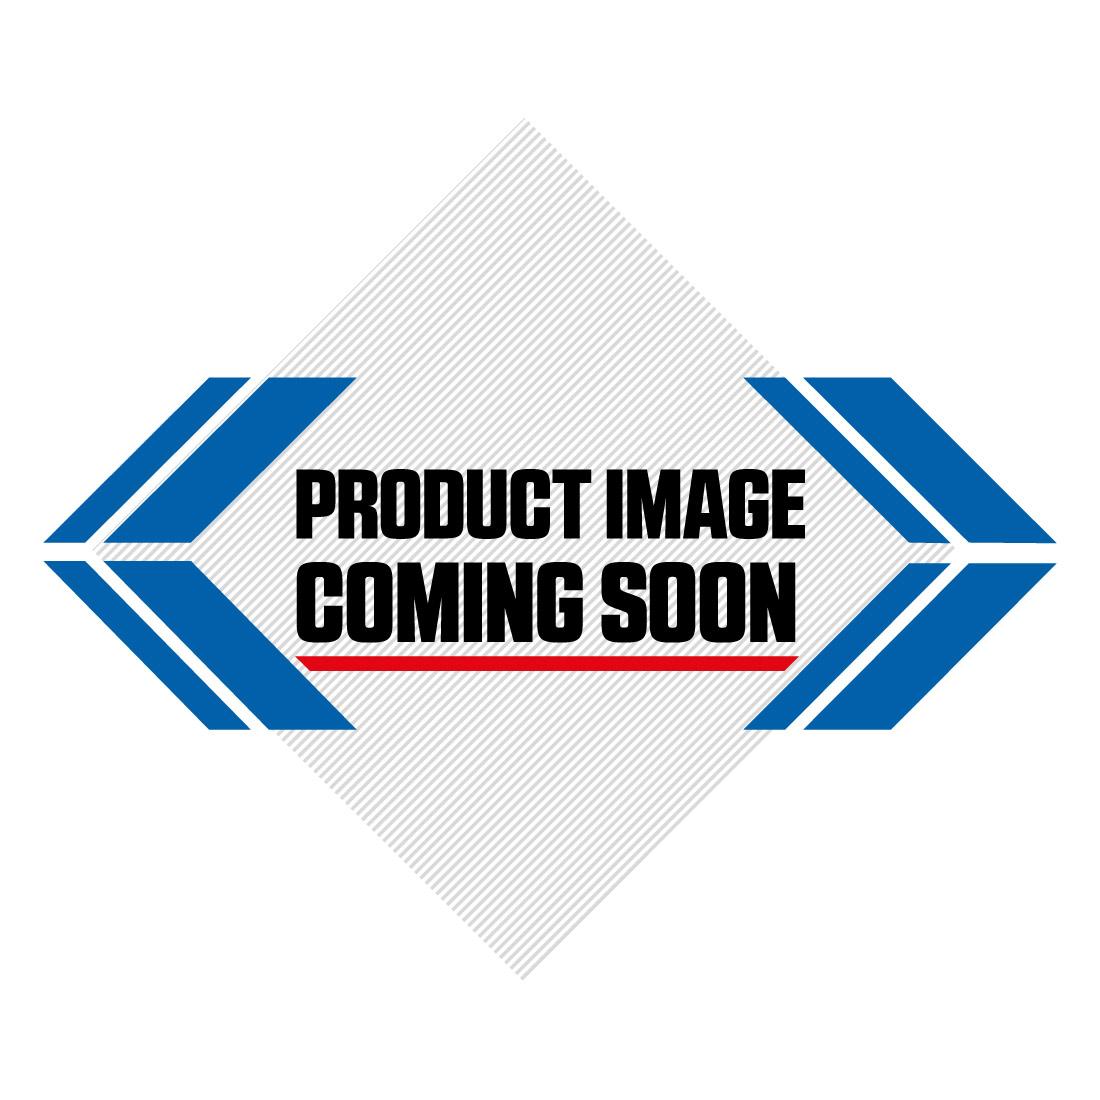 Husqvarna Plastic Kit OEM Factory Image-5>